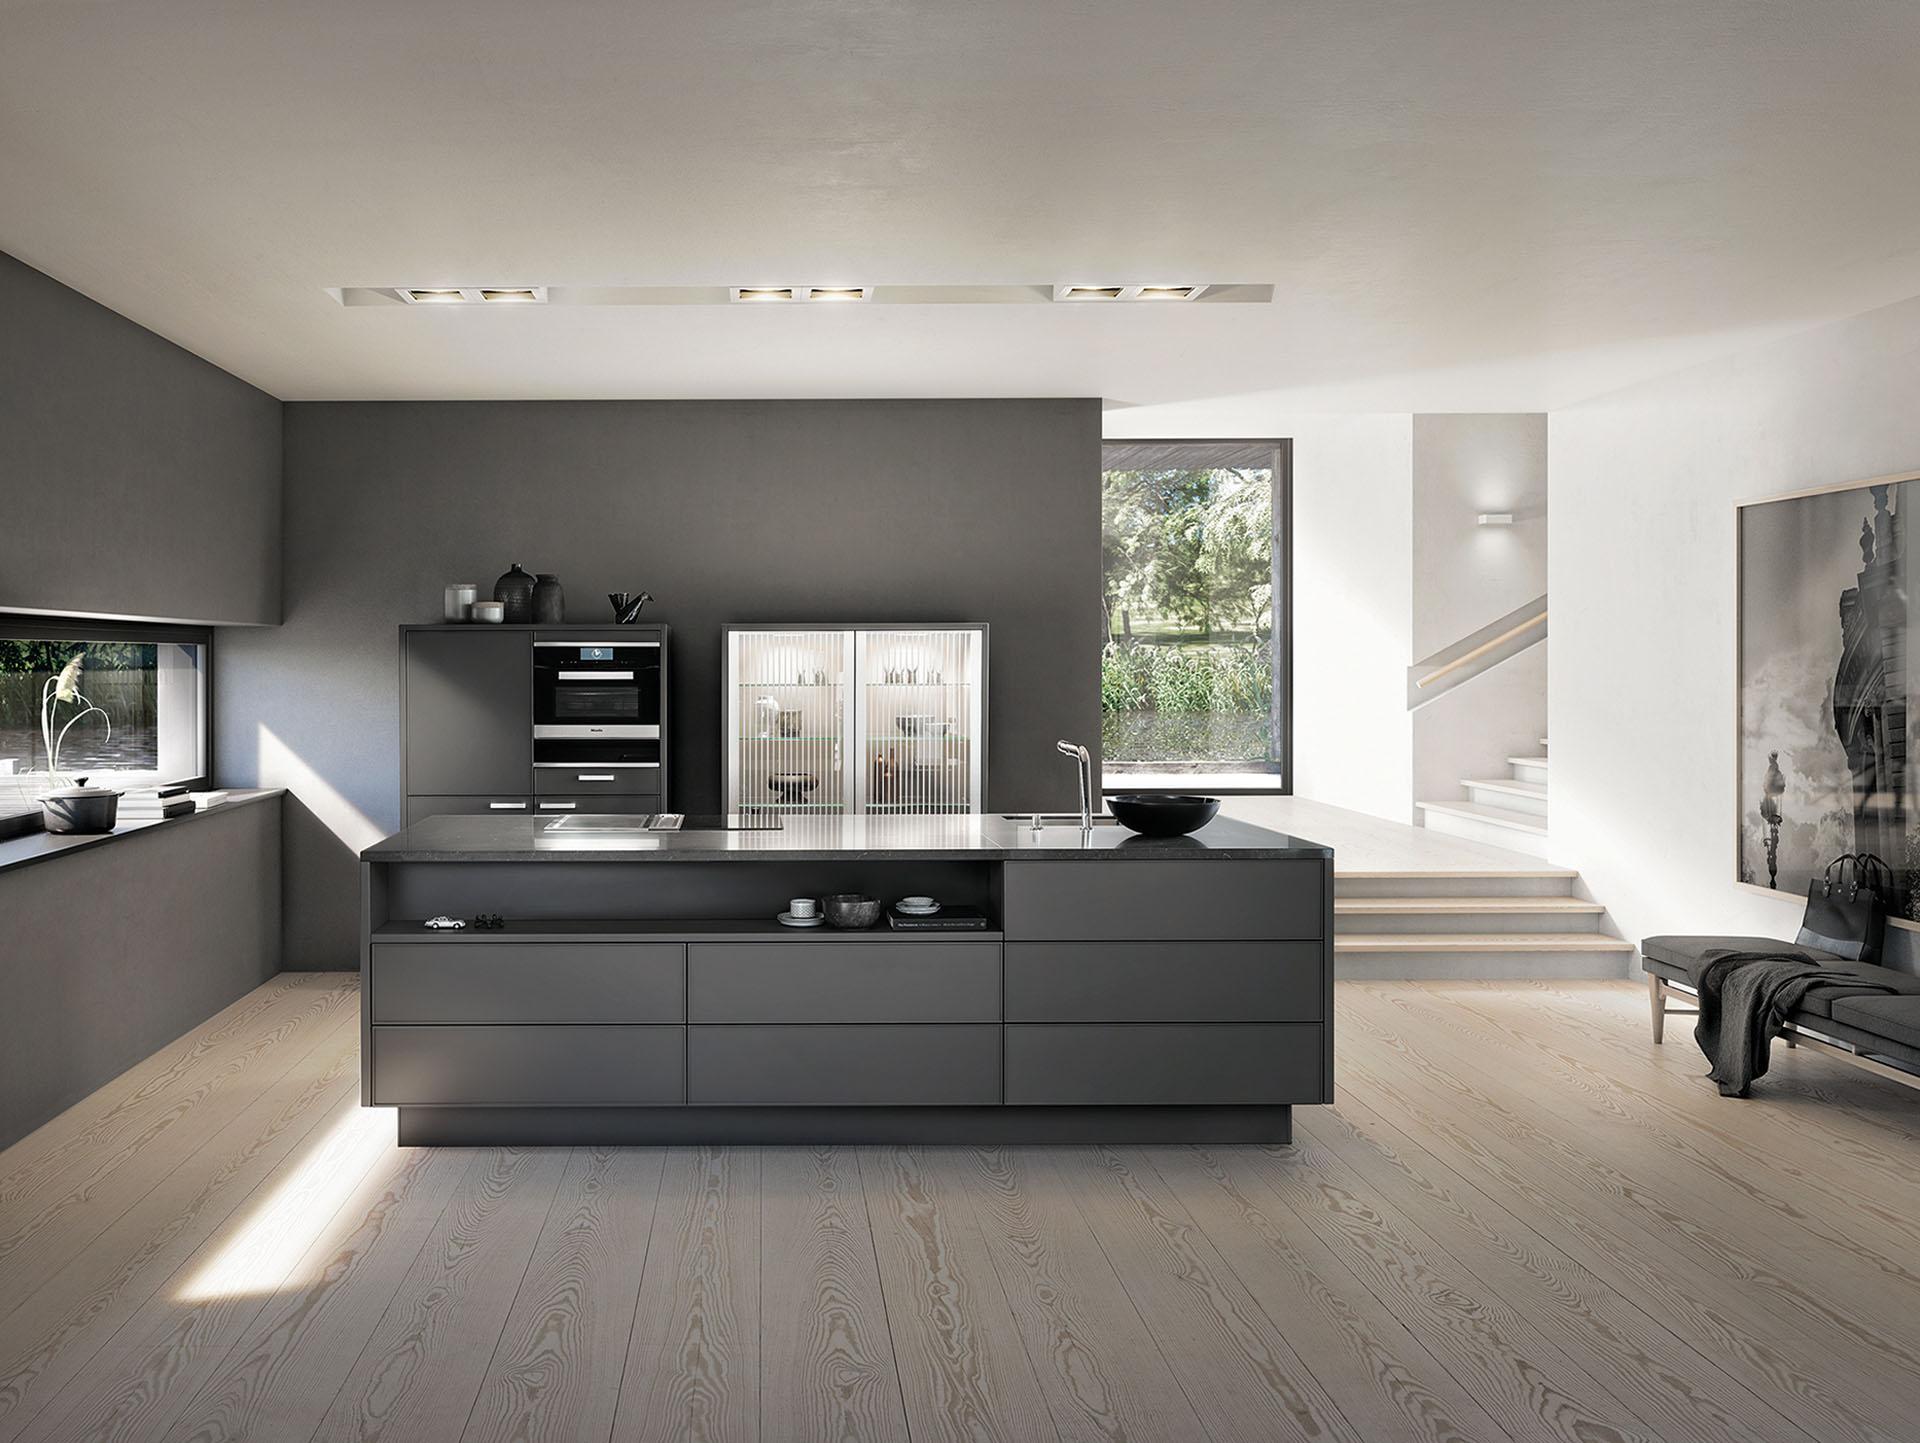 Kookeiland Keuken Houten : Luxe kookeiland luxe houten keuken met kookeiland design kitchen